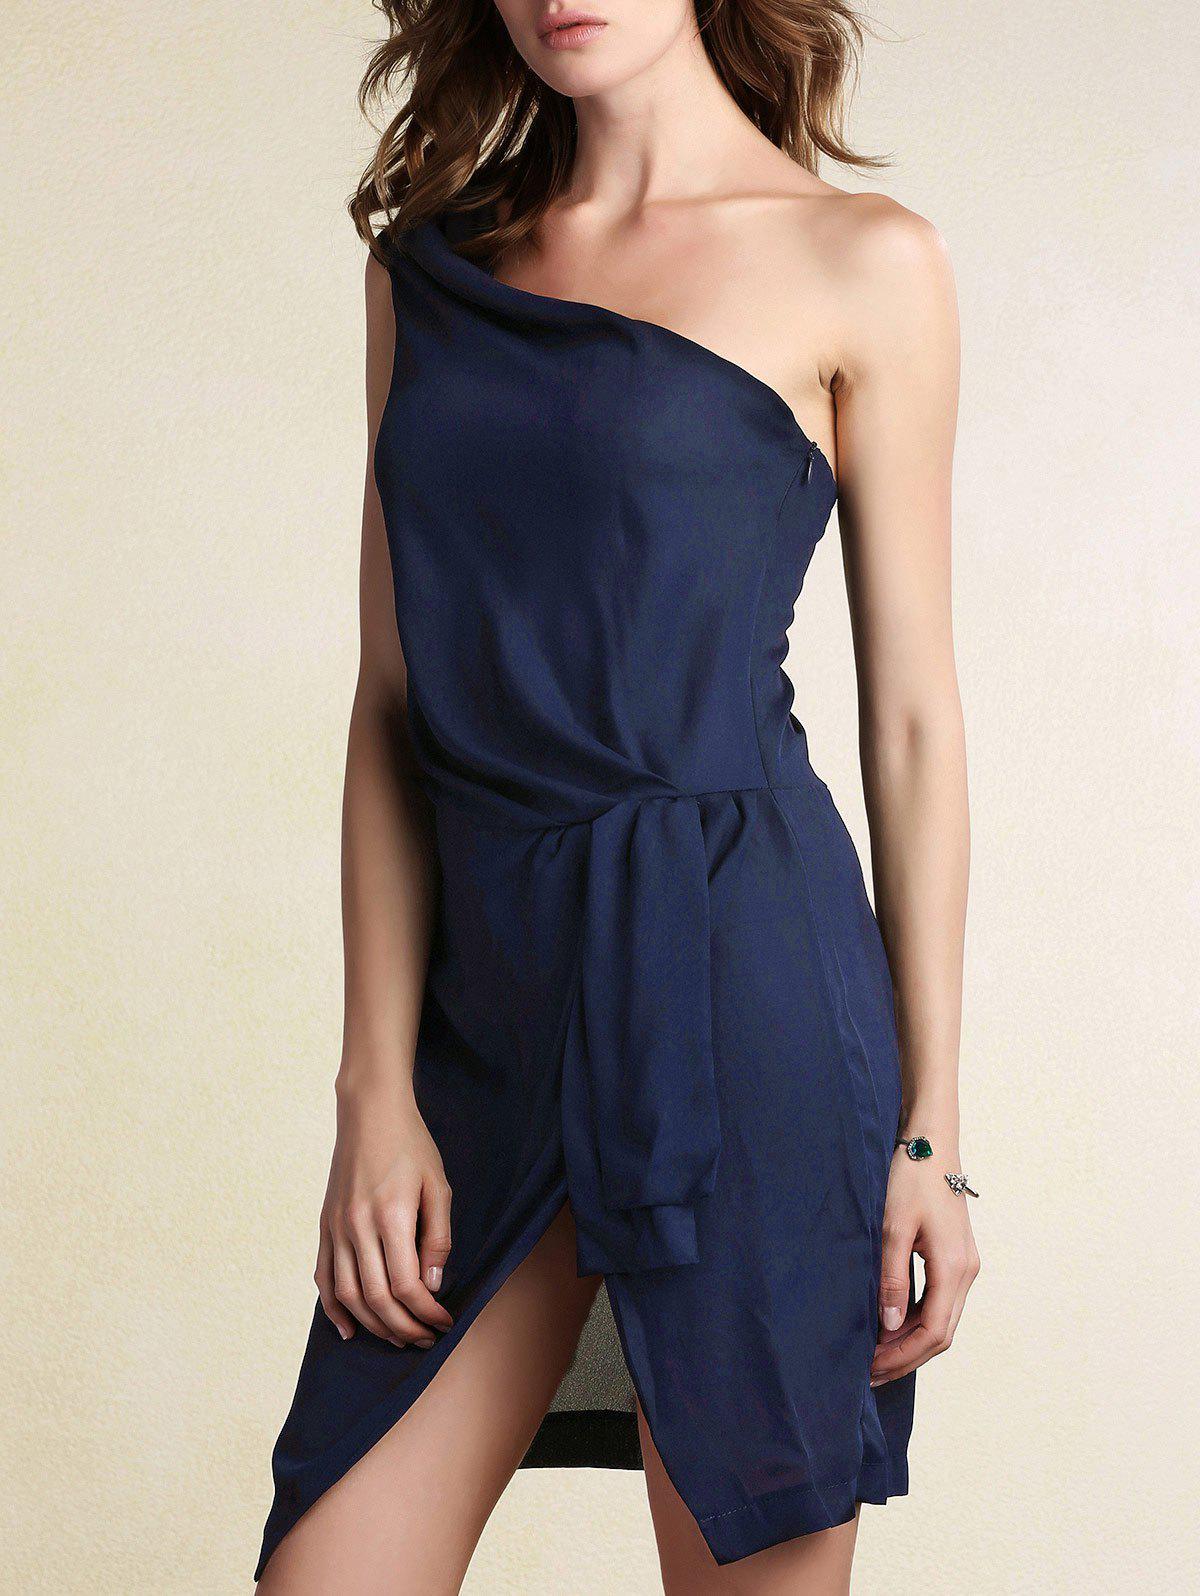 Black One Shoulder Side Slit Dress 182004304